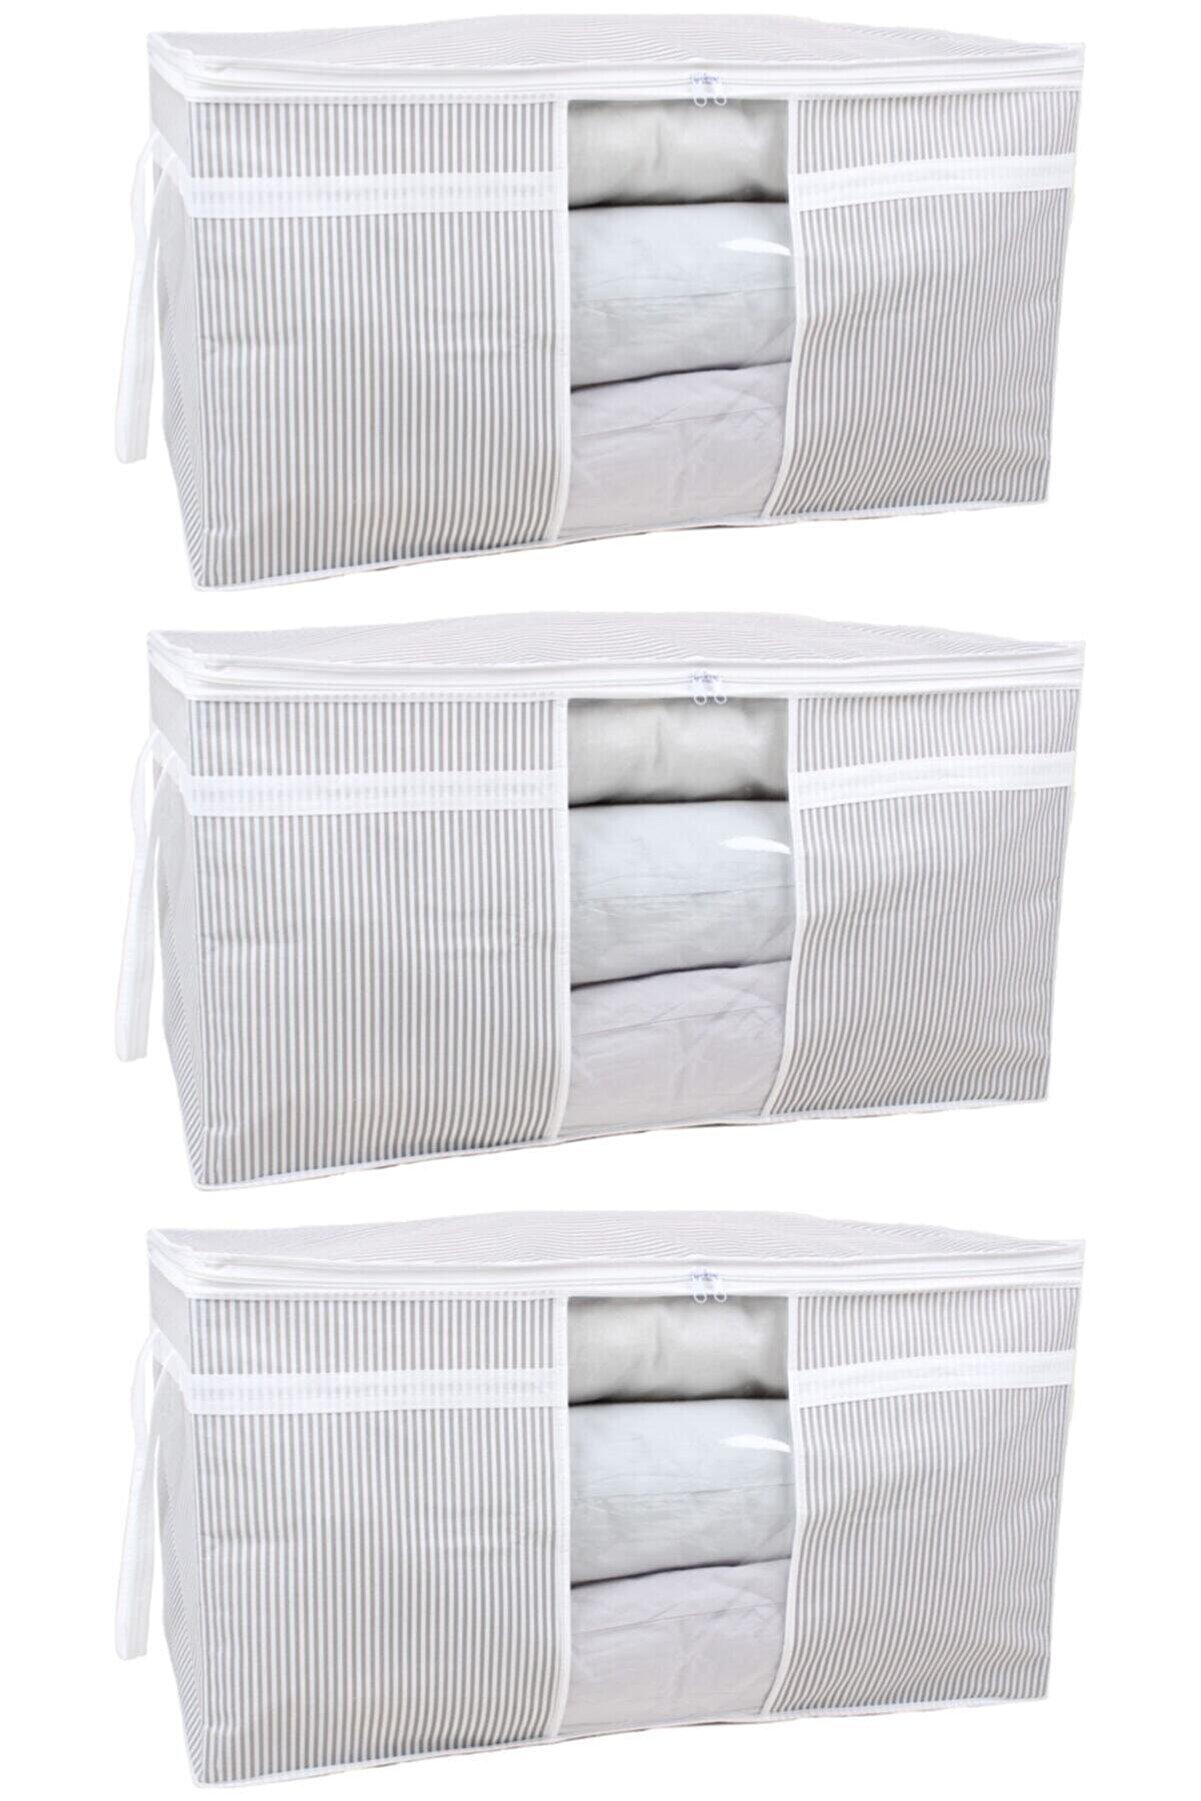 ESTİ 3 Adet - Pencereli Yastık Yorgan Hurcu 75 X 40 X 40 Cm